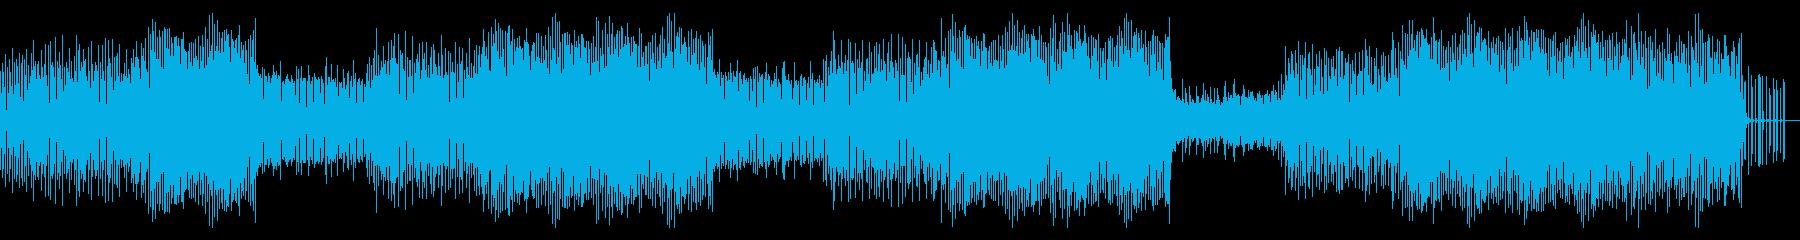 爽やかサマーソングの再生済みの波形